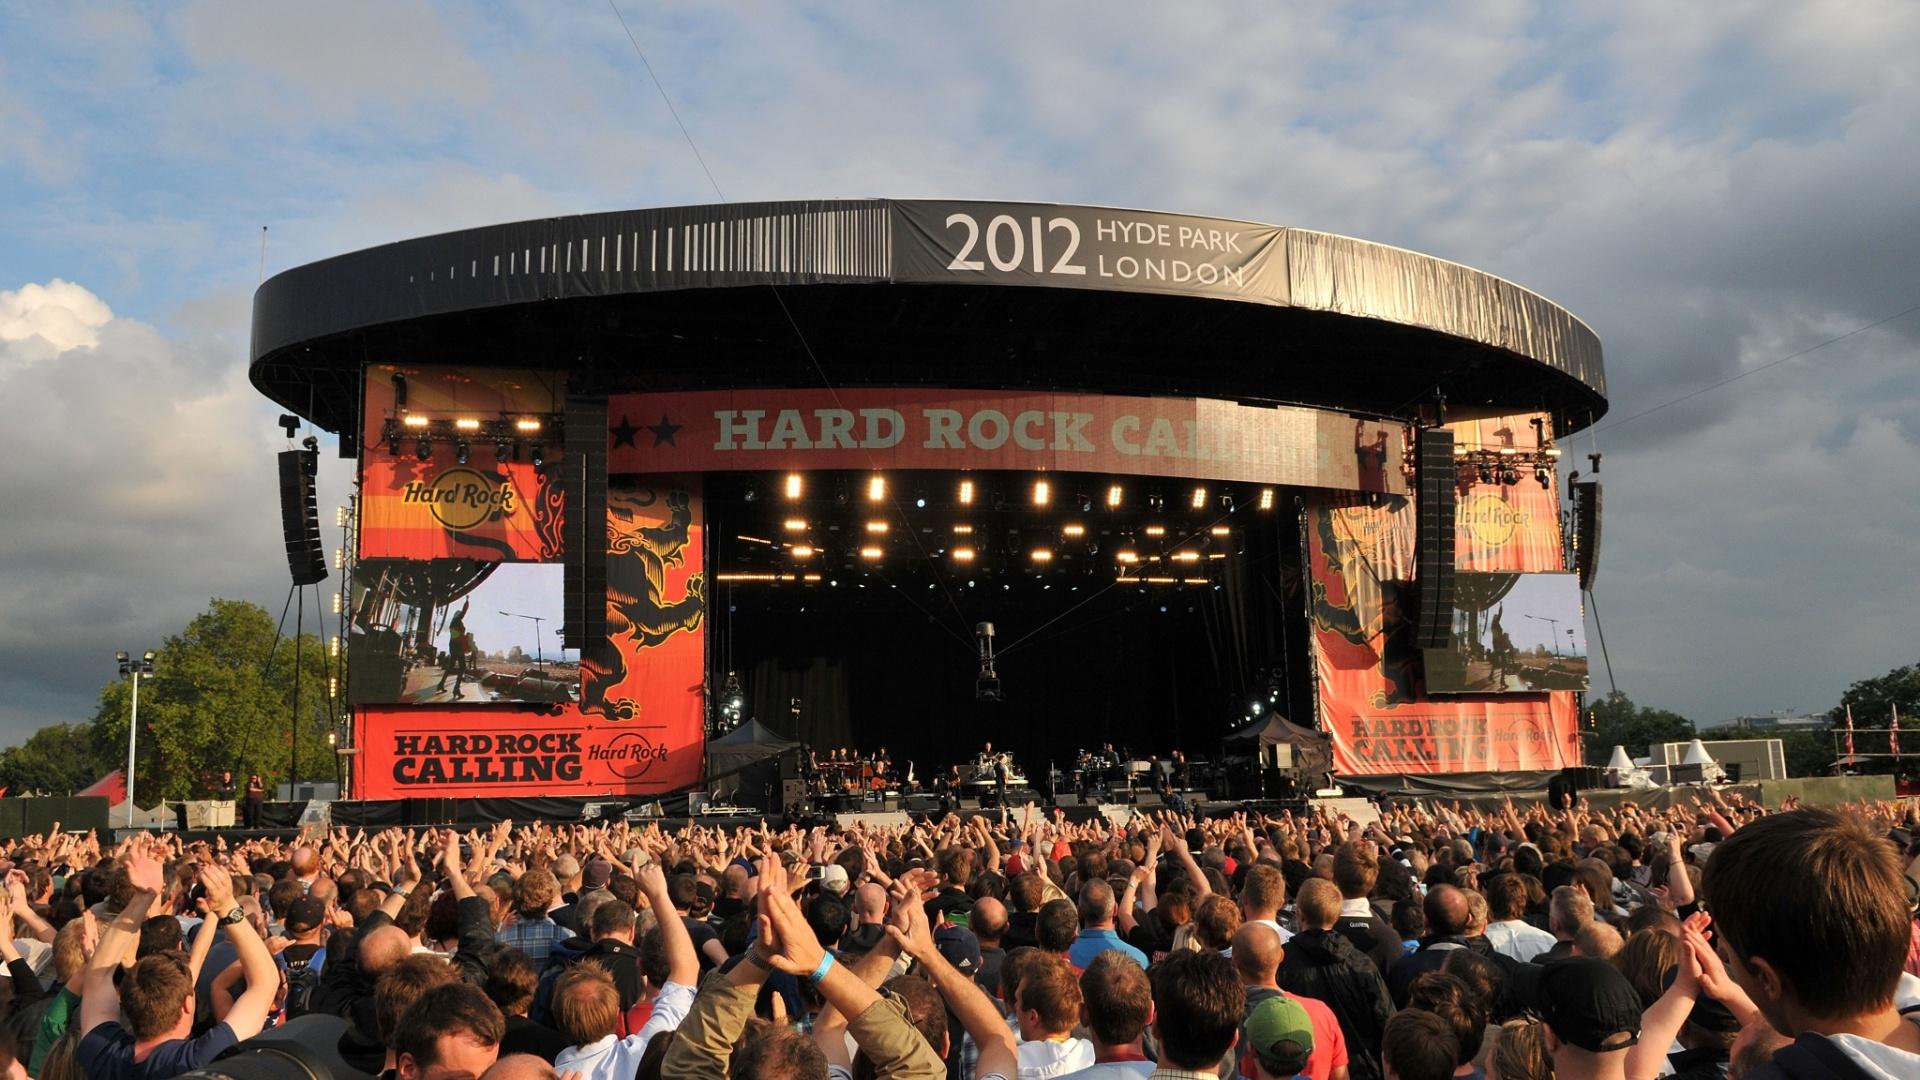 Vista geral do palco enquanto Bruce Springsteen toca no segundo dia do Hard Rock Calling, no Hyde Park, em Londres, na Inglaterra (14/02/2012)